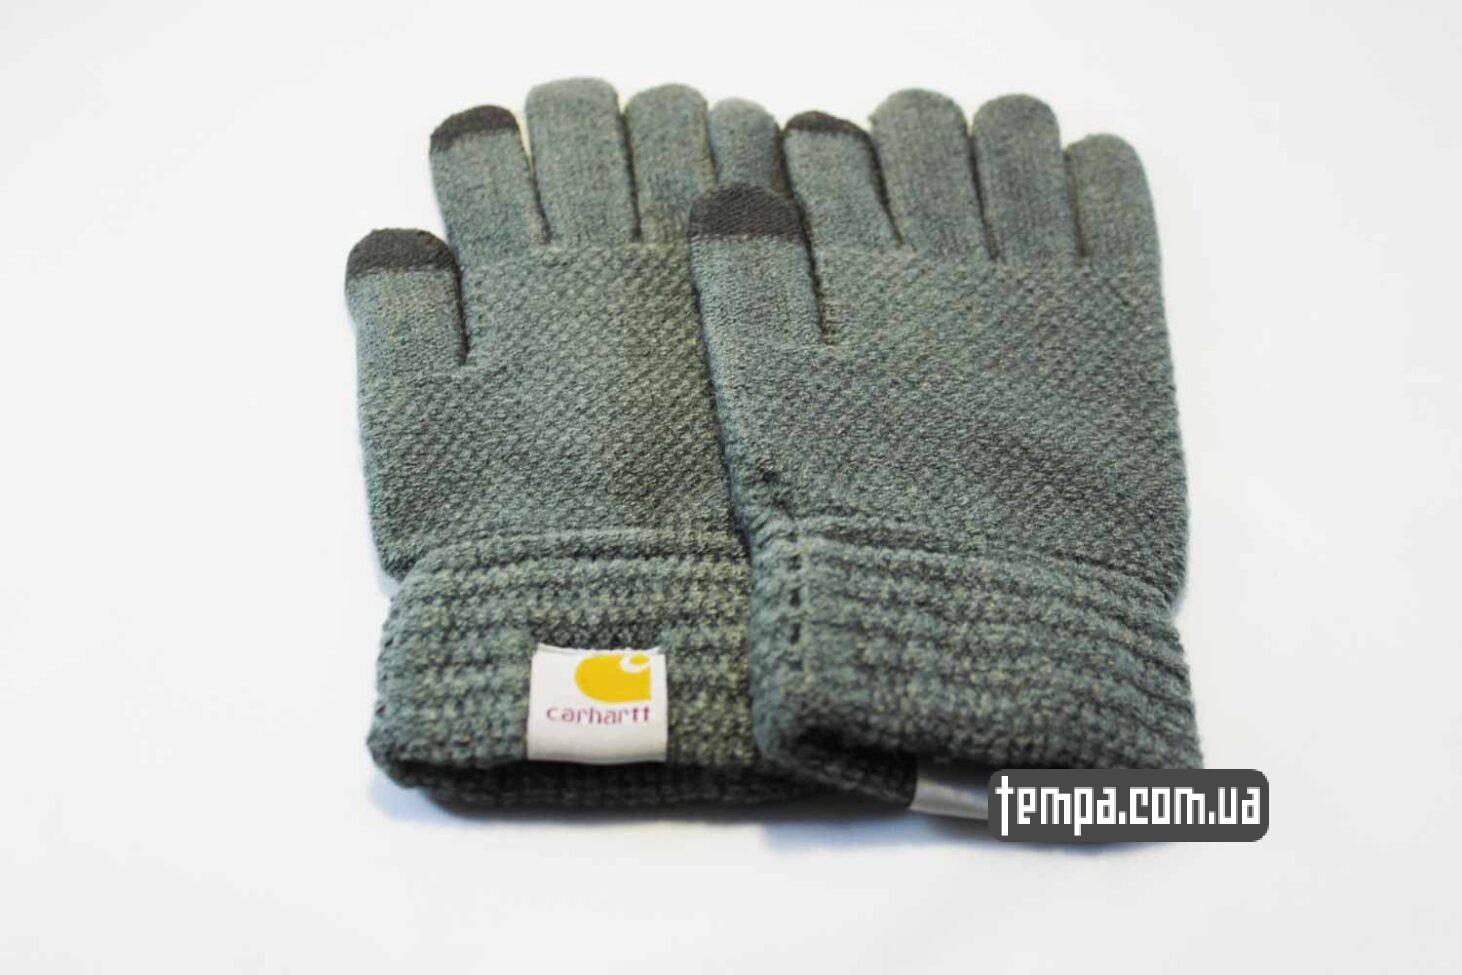 купить украина перчатки Carhartt серые тач для сенсорных мобильных экранов